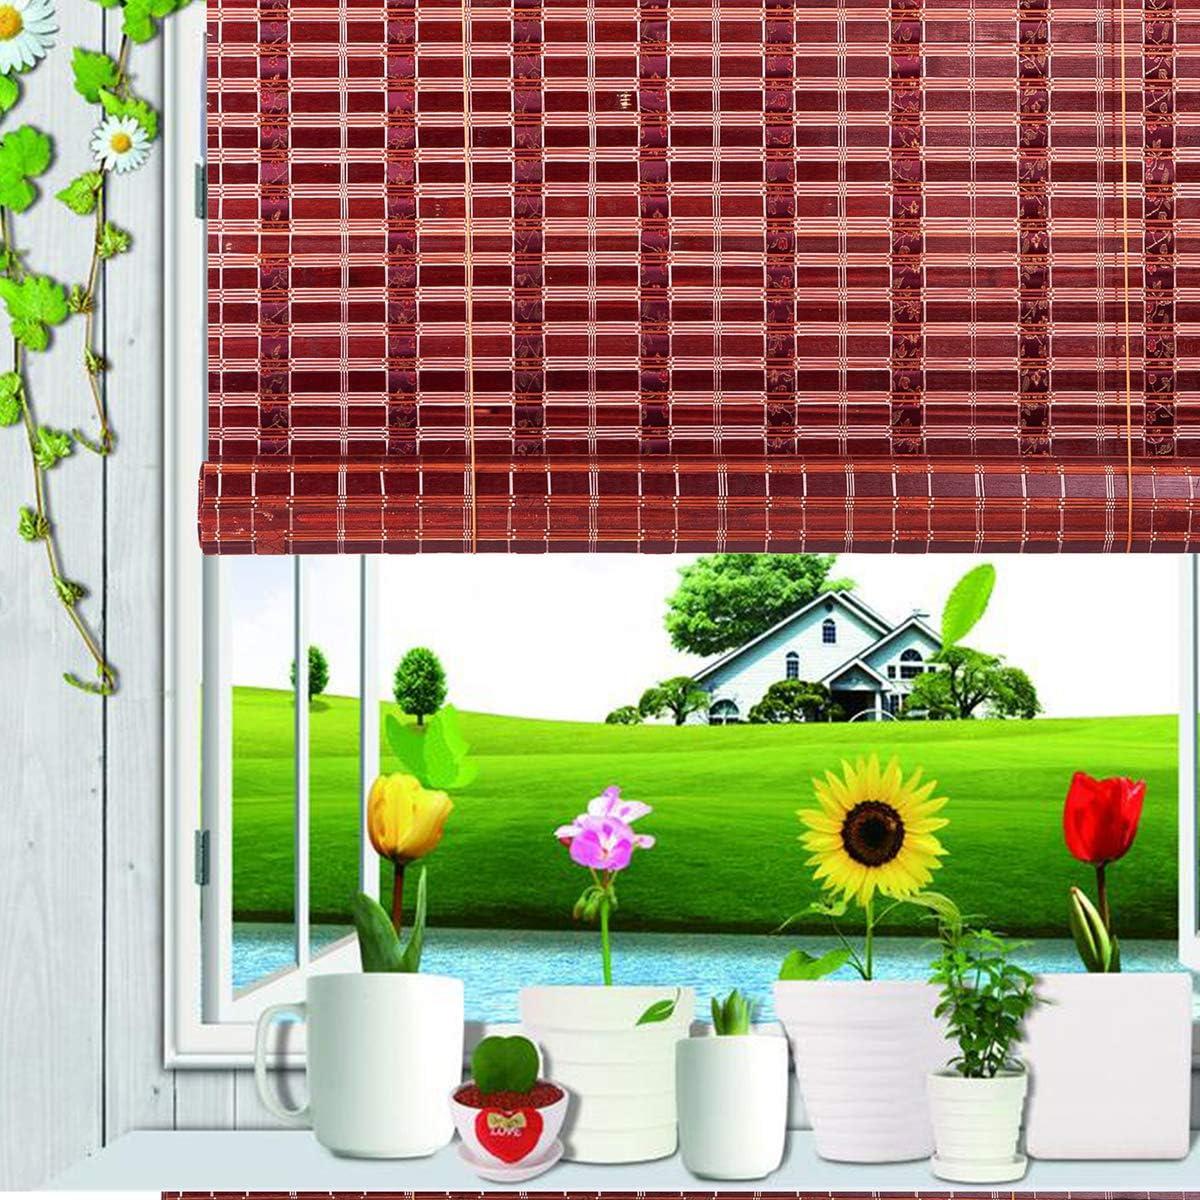 Asian Home Natural Bamboo Roll Up Window Blind Sun Shade Burgundy WB-SUN319 (W72 X H72)